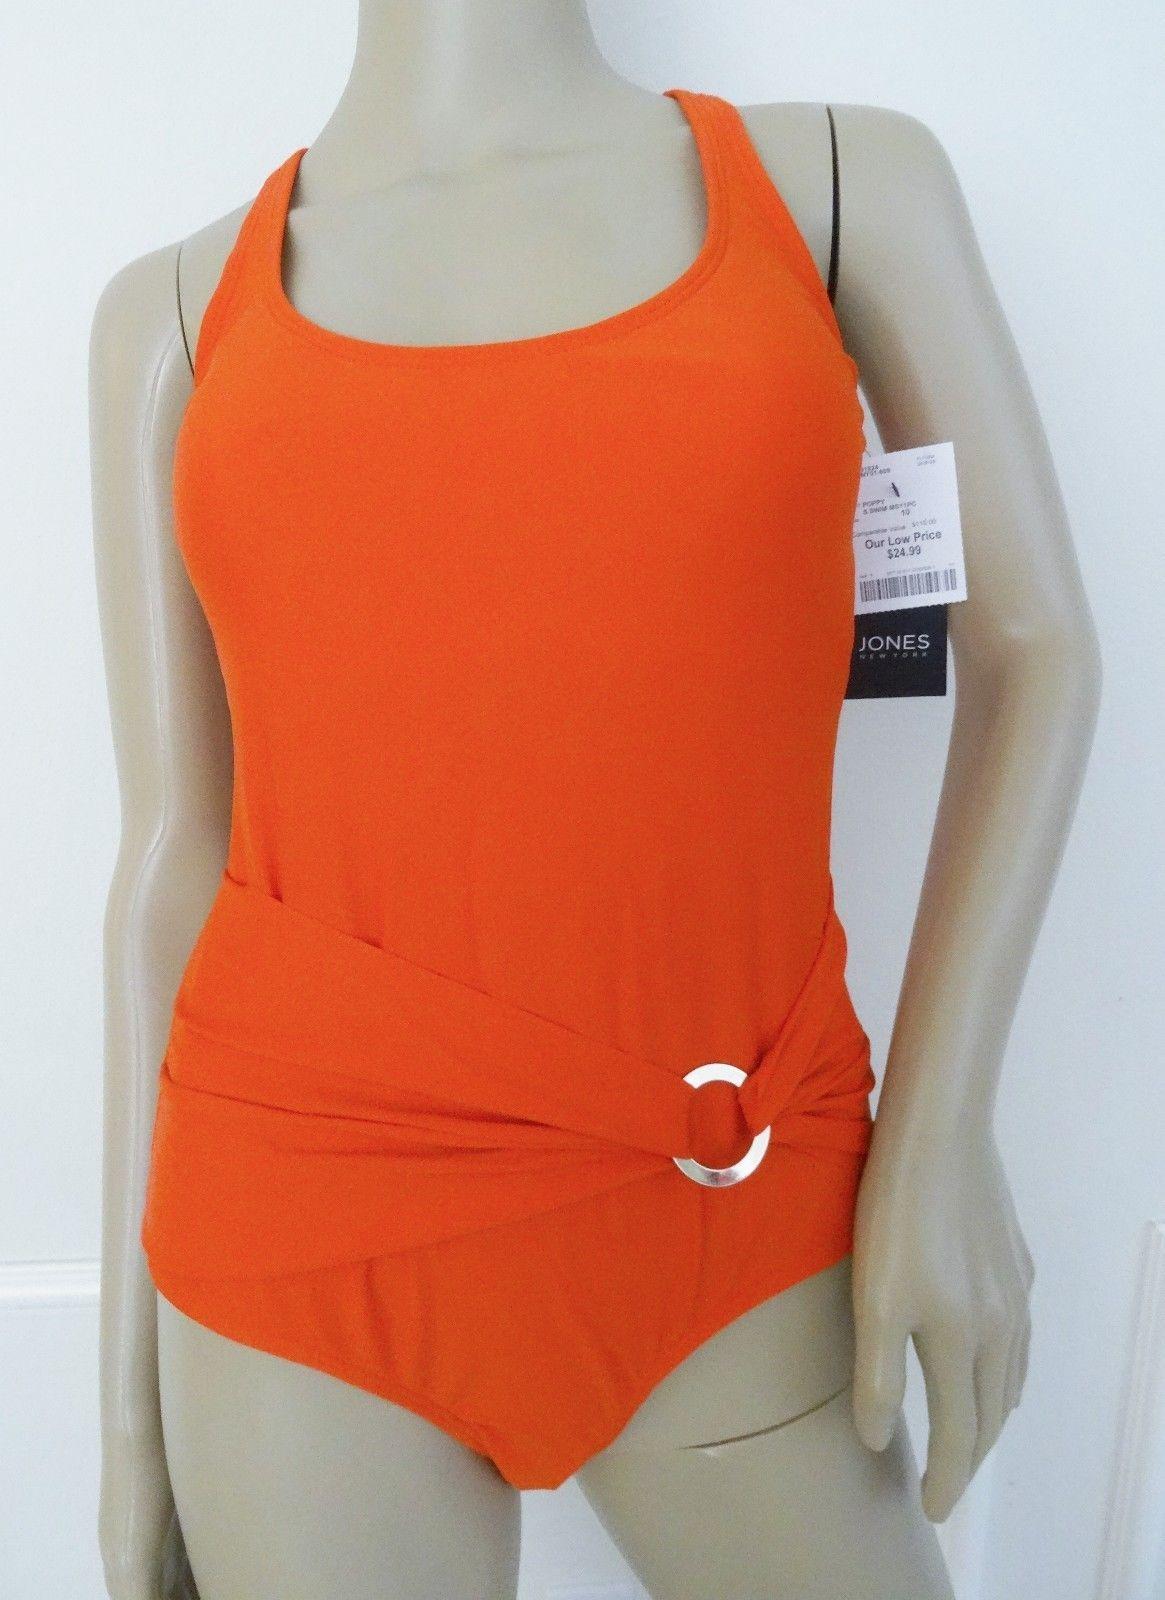 4008cd20e8509 S l1600. S l1600. Previous. Nwt Jones New York Women s Swimwear One Piece  ...